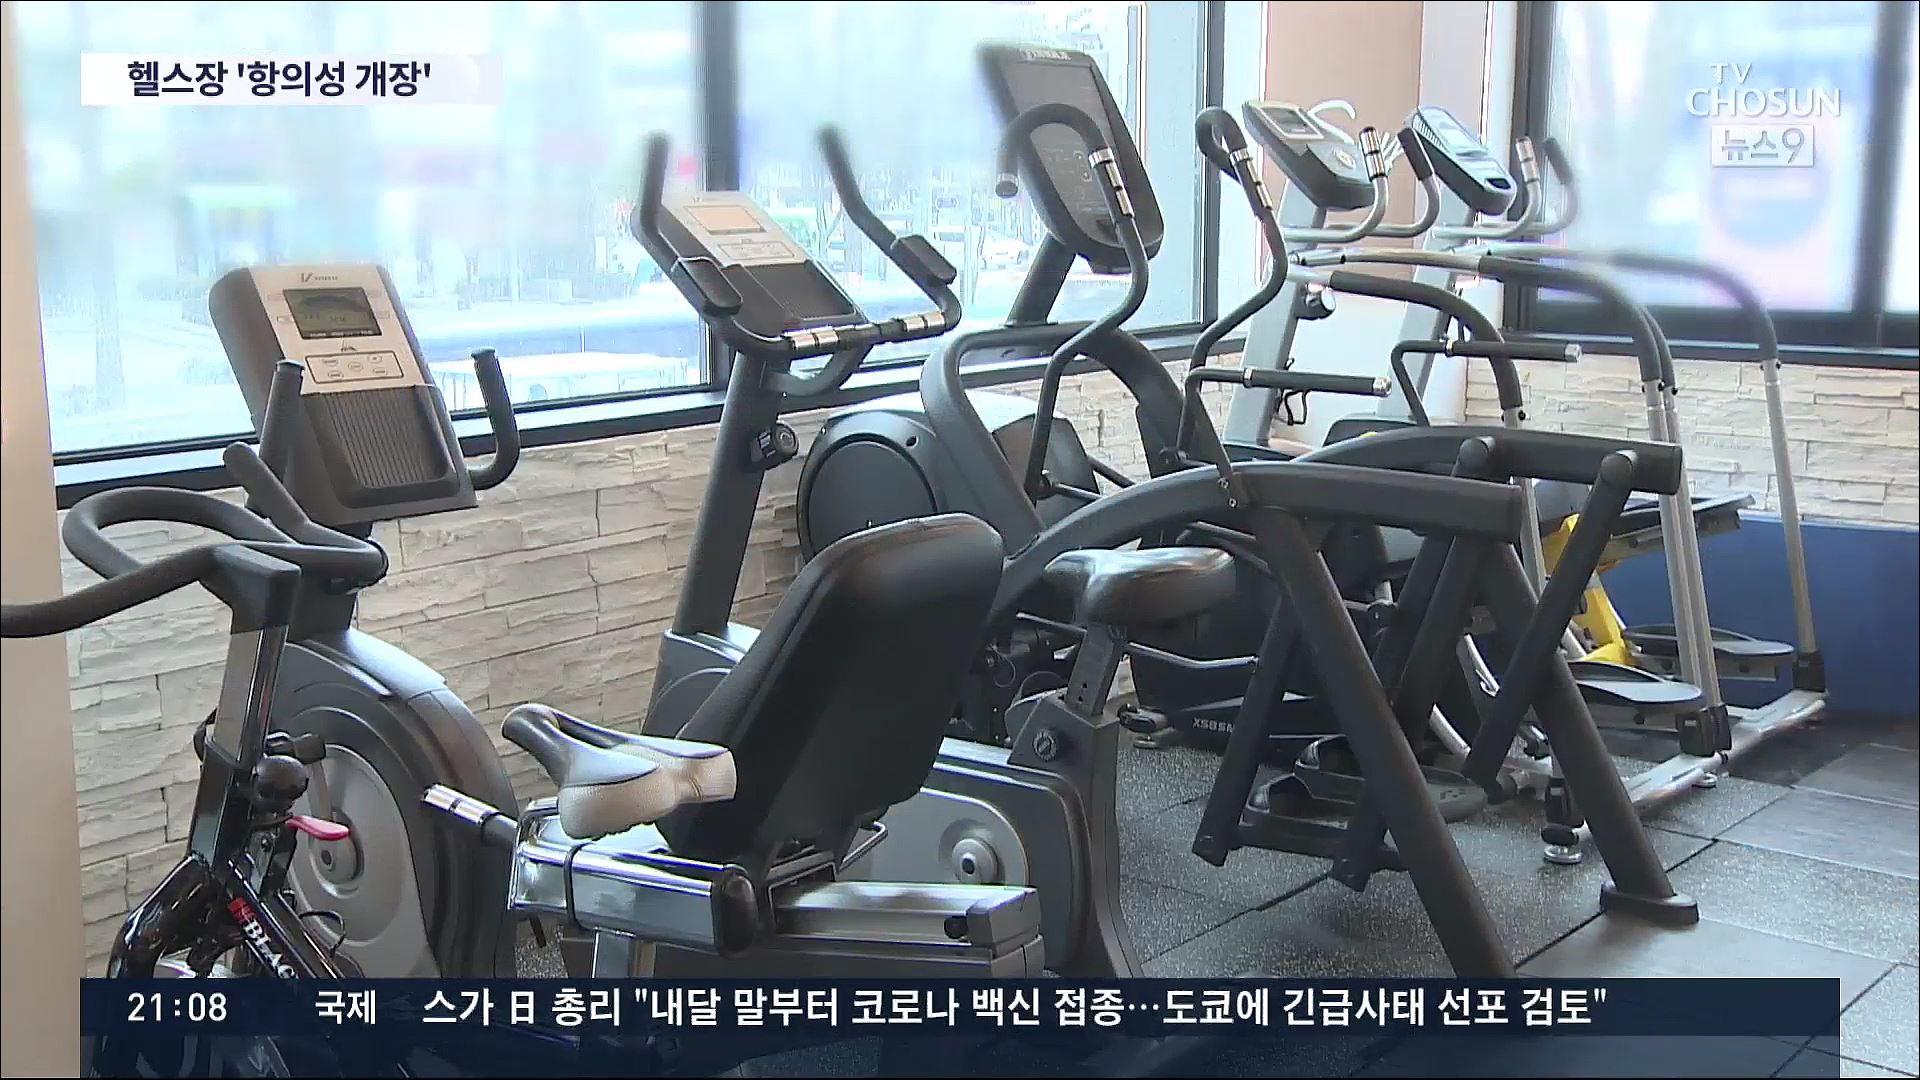 300여개 헬스장 '항의성 개장'…조건부 운영에 한숨돌린 스키장